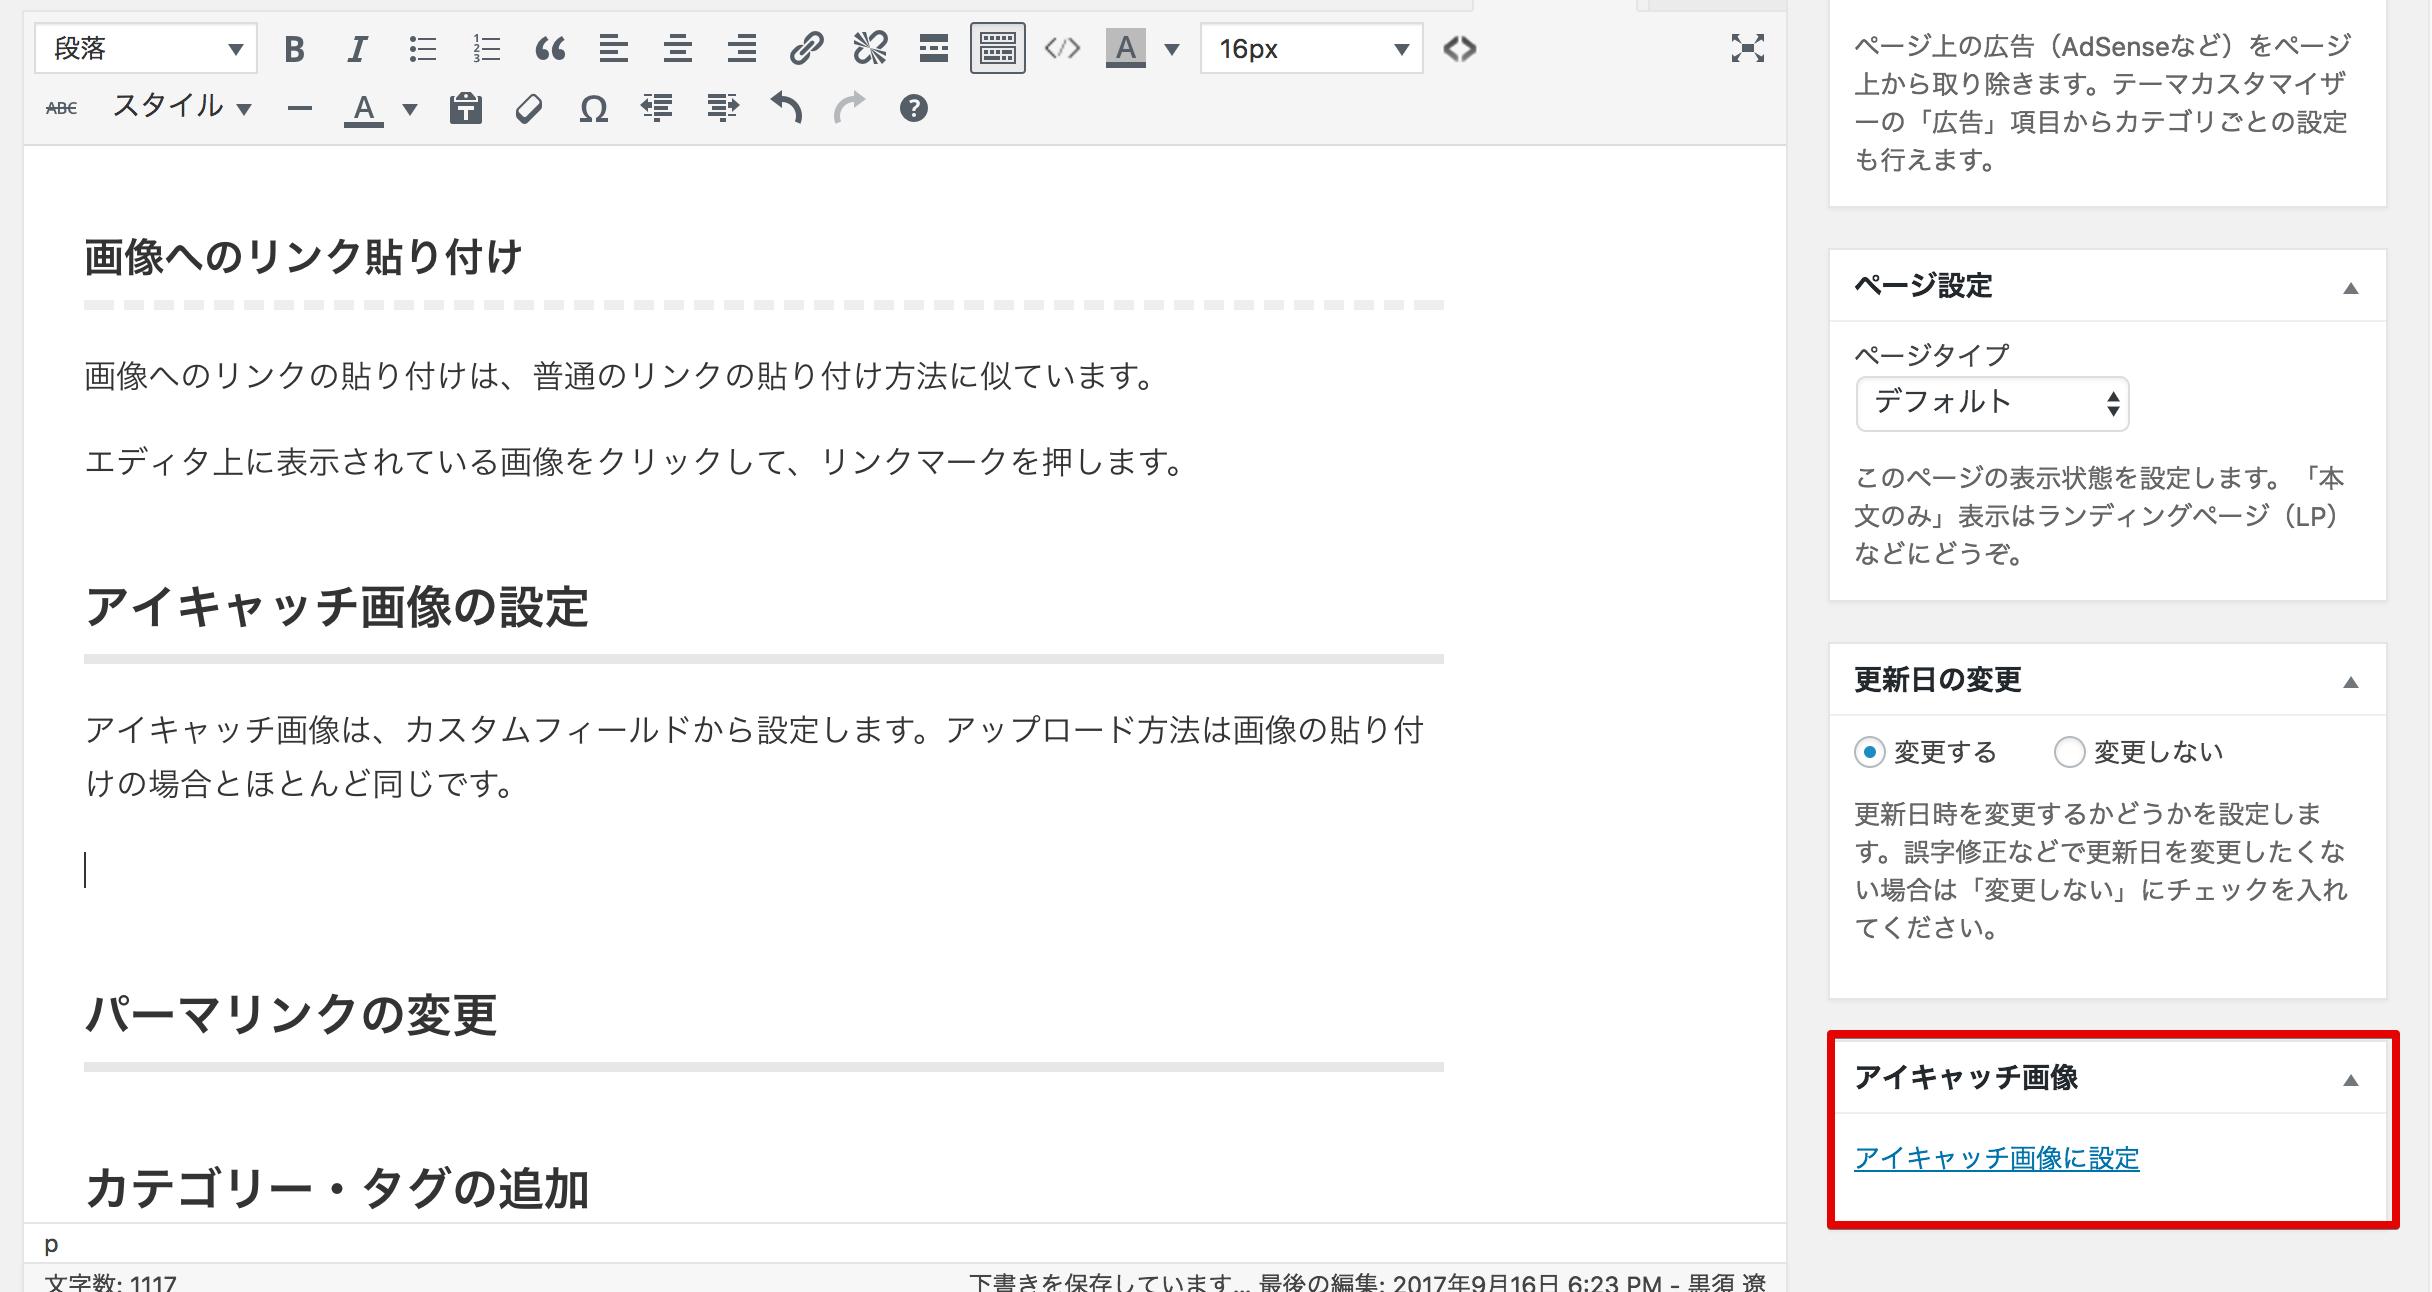 afc20748827d3047d98438dd5a576712 - 初心者向け!WordPressの投稿方法や記事の編集方法を徹底解説